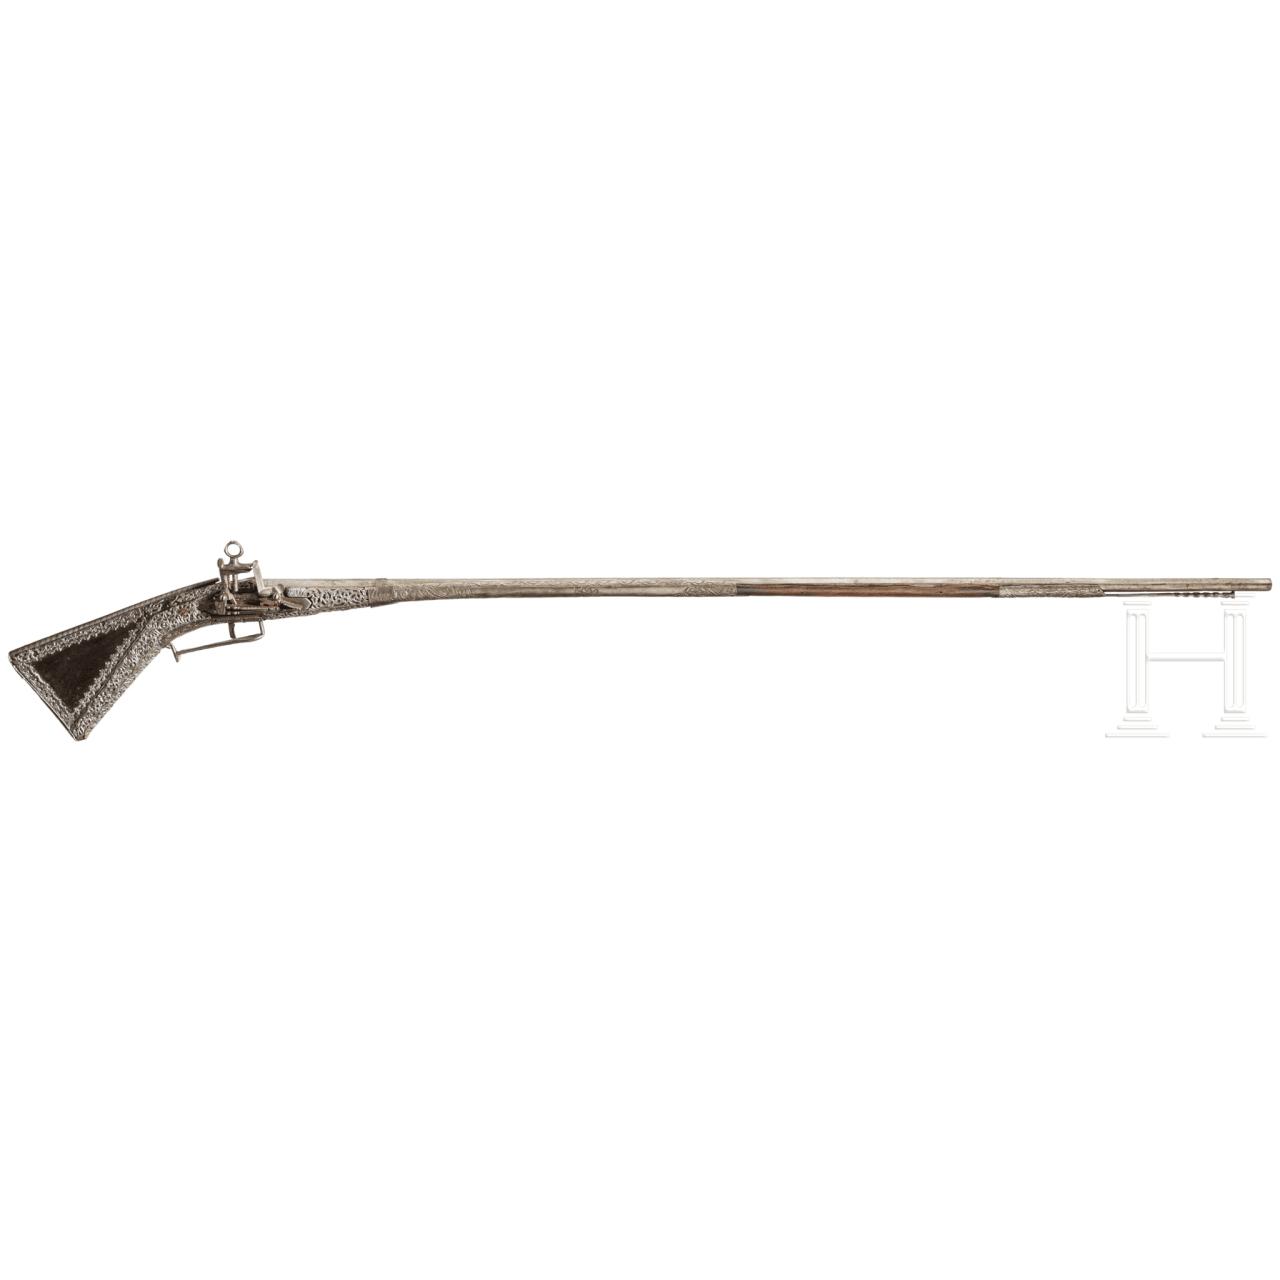 Eisengeschnittene Miquelet-Flinte, Sardinien, 2. Hälfte 18. Jhdt.